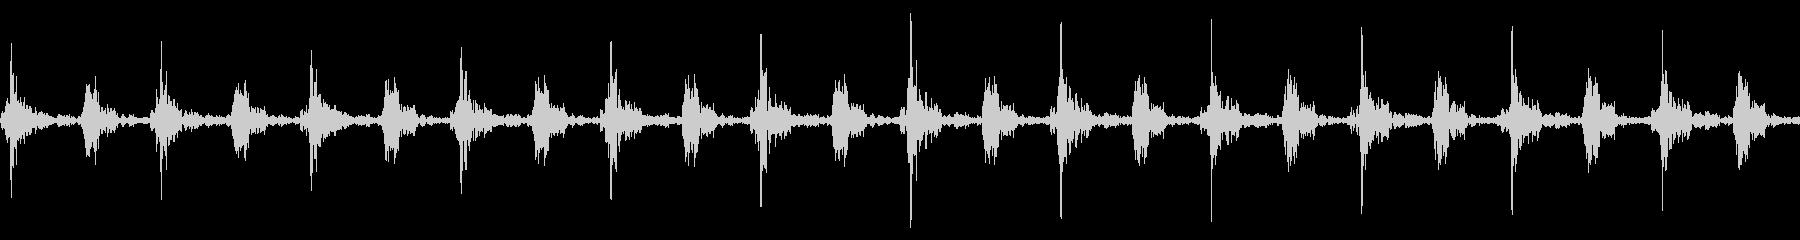 車のワイパーの動作音/連続/速いの未再生の波形